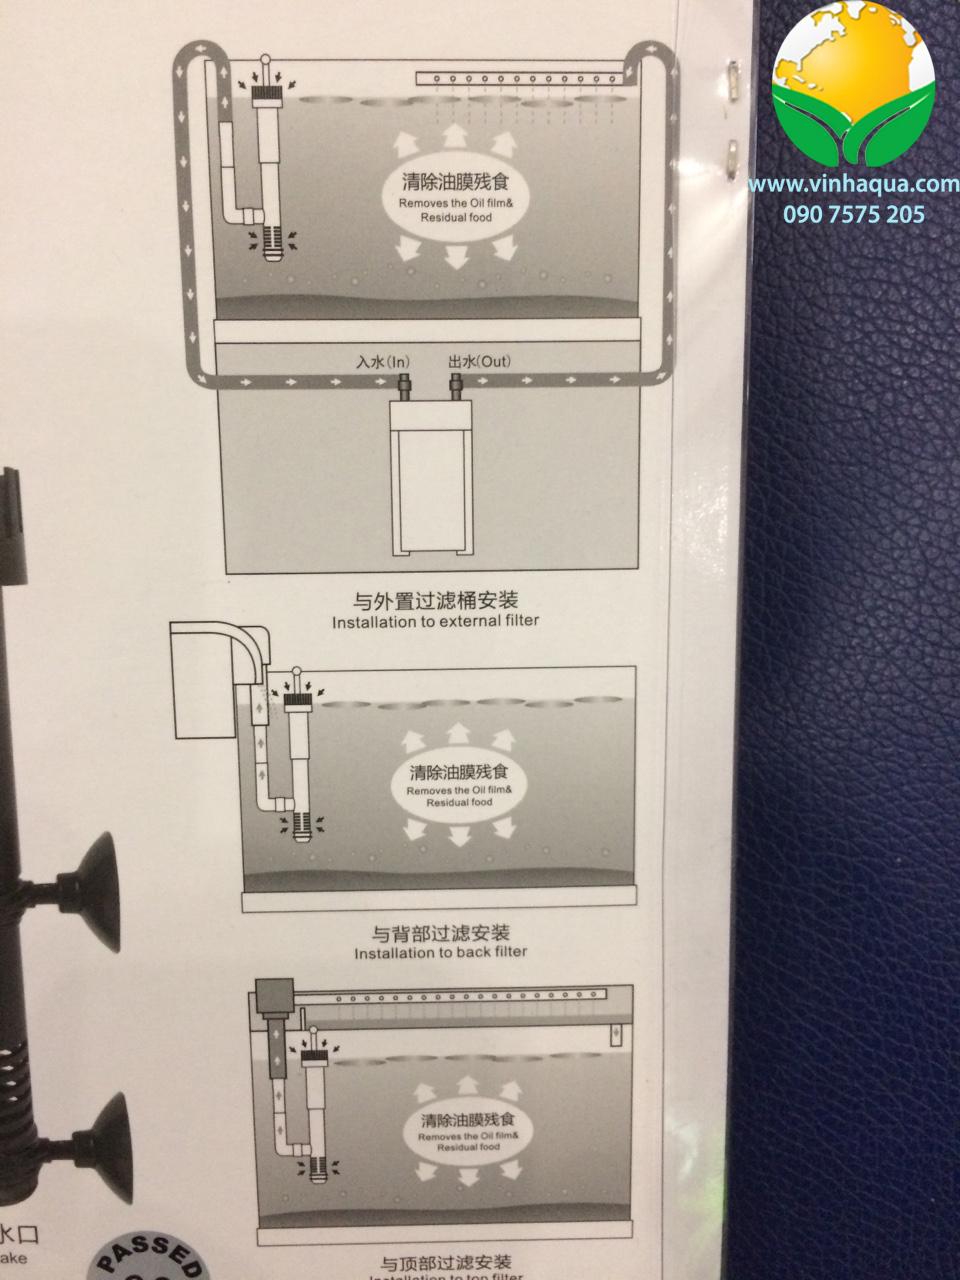 Phụ kiện thủy sinh - Lọc váng thủy sinh không bơm Atman SK600